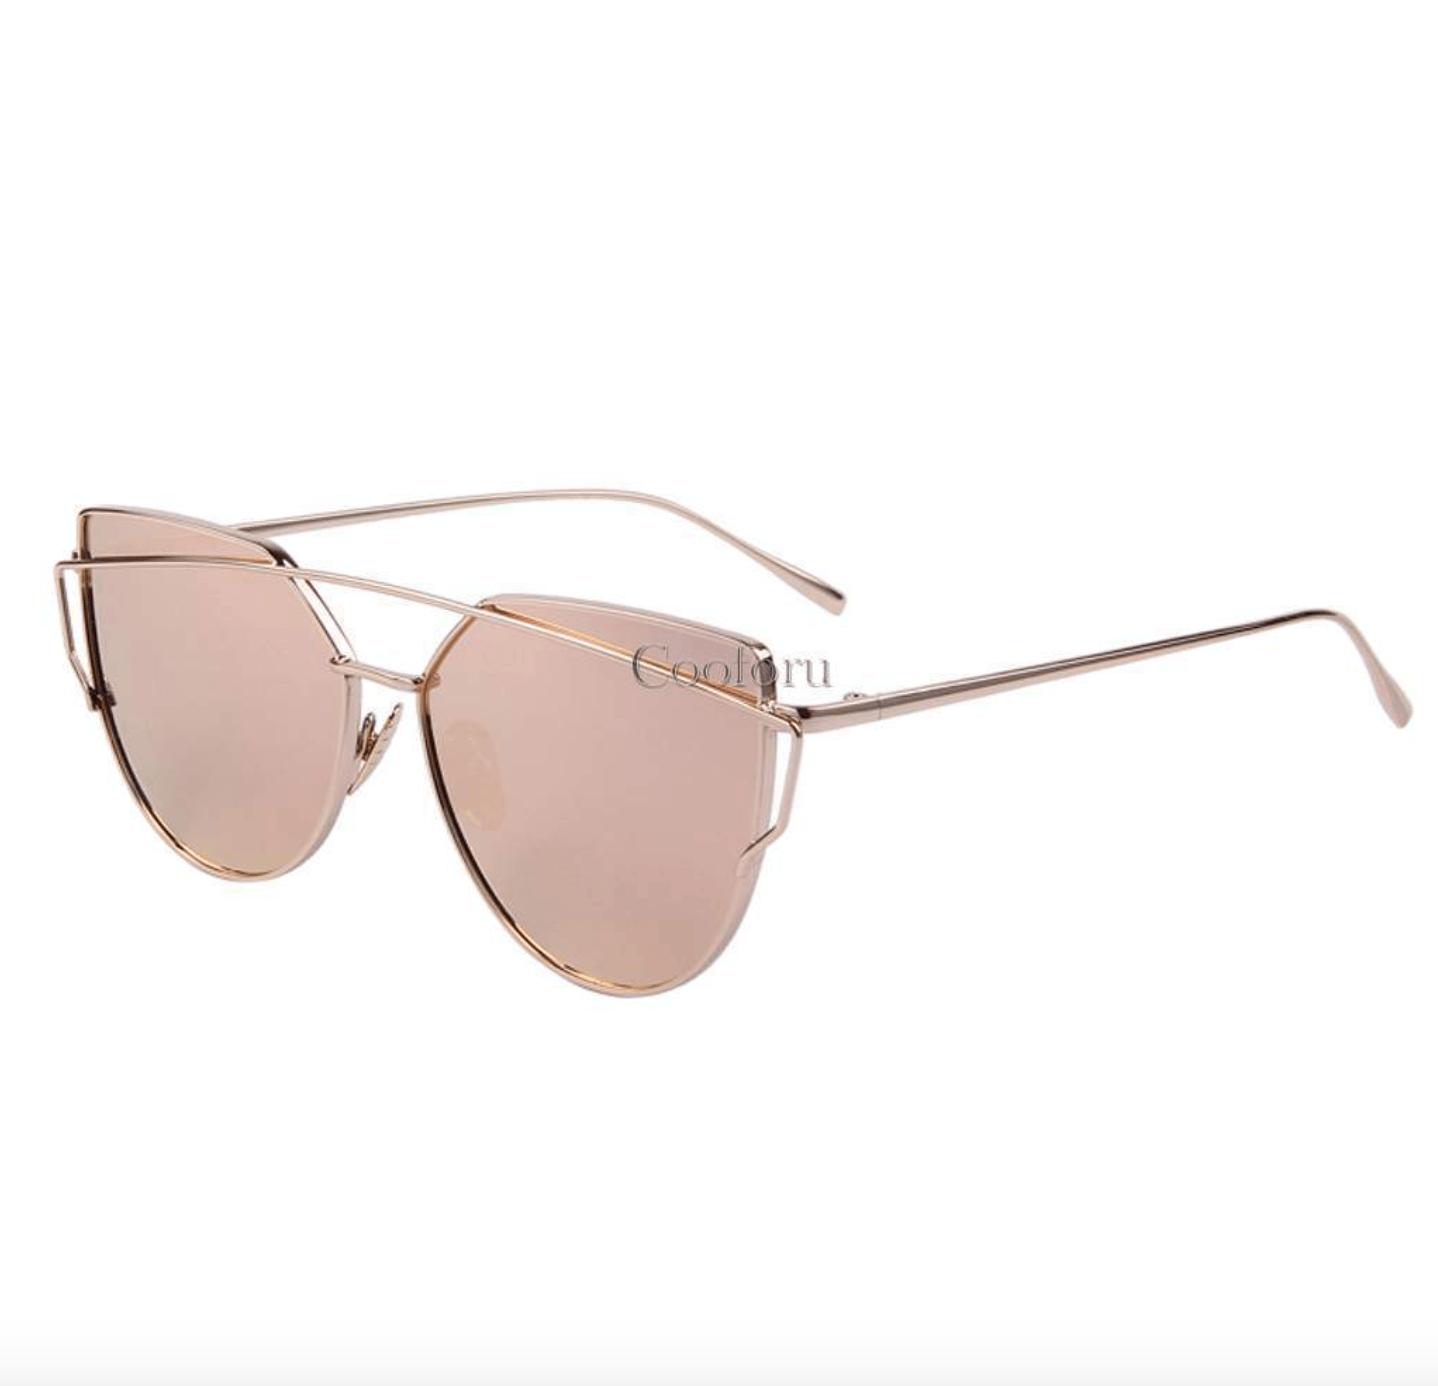 RBROVO 2018 Marque Designer Oeil De Chat Lunettes De Soleil Femmes Vintage Métal Lunettes Réfléchissantes Pour Femmes Miroir Rétro Oculos De Sol Gafas